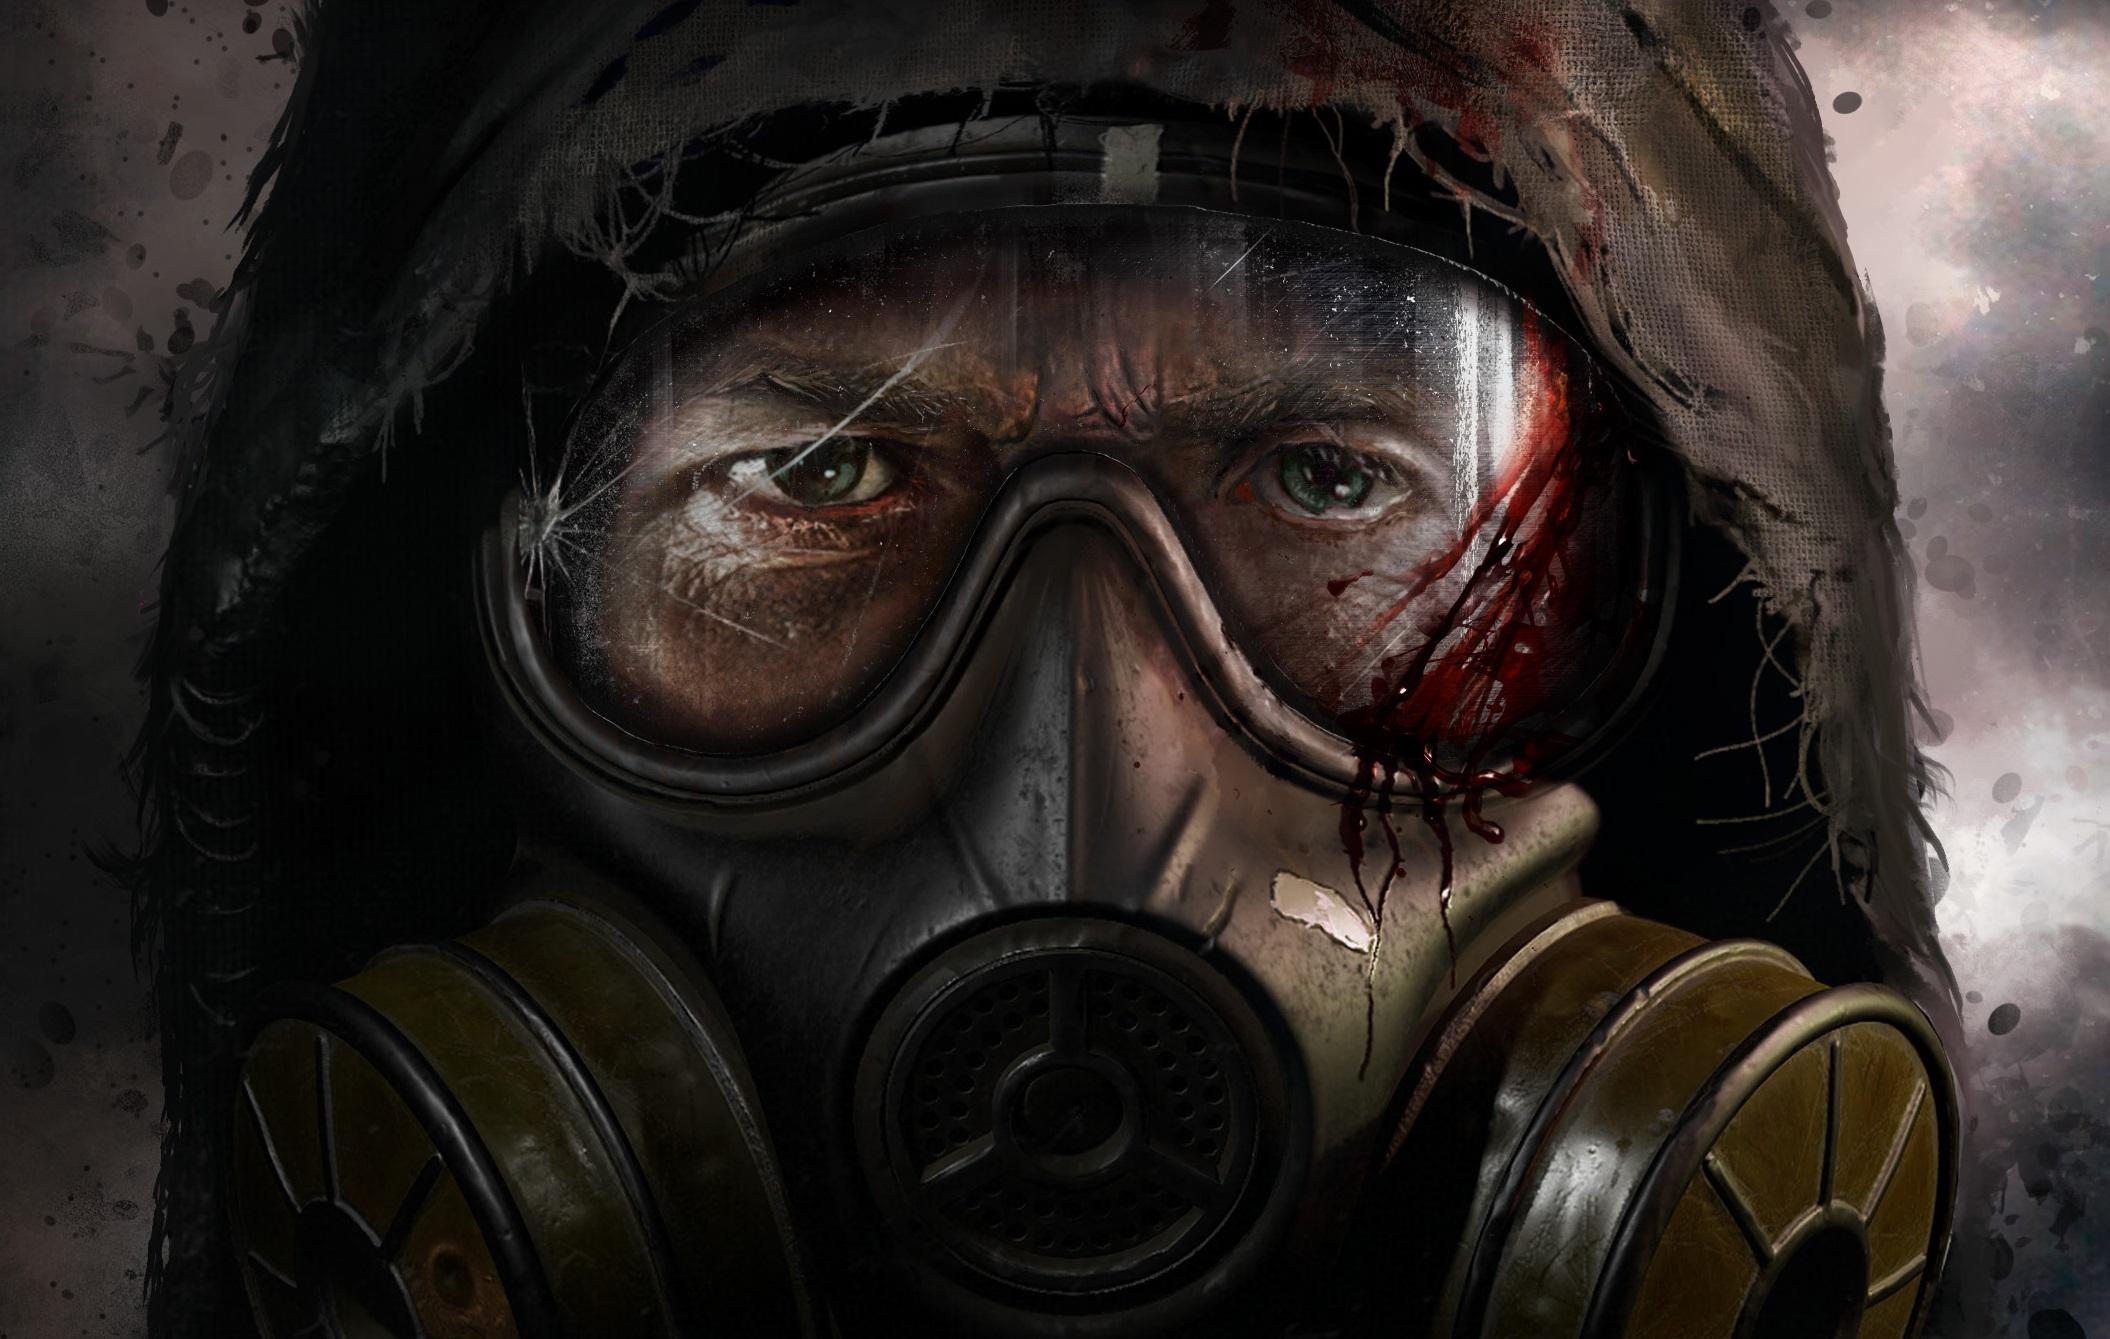 Los desarrolladores de STALKER 2 lanzan la primera captura de pantalla de la larga secuela en desarrollo 1